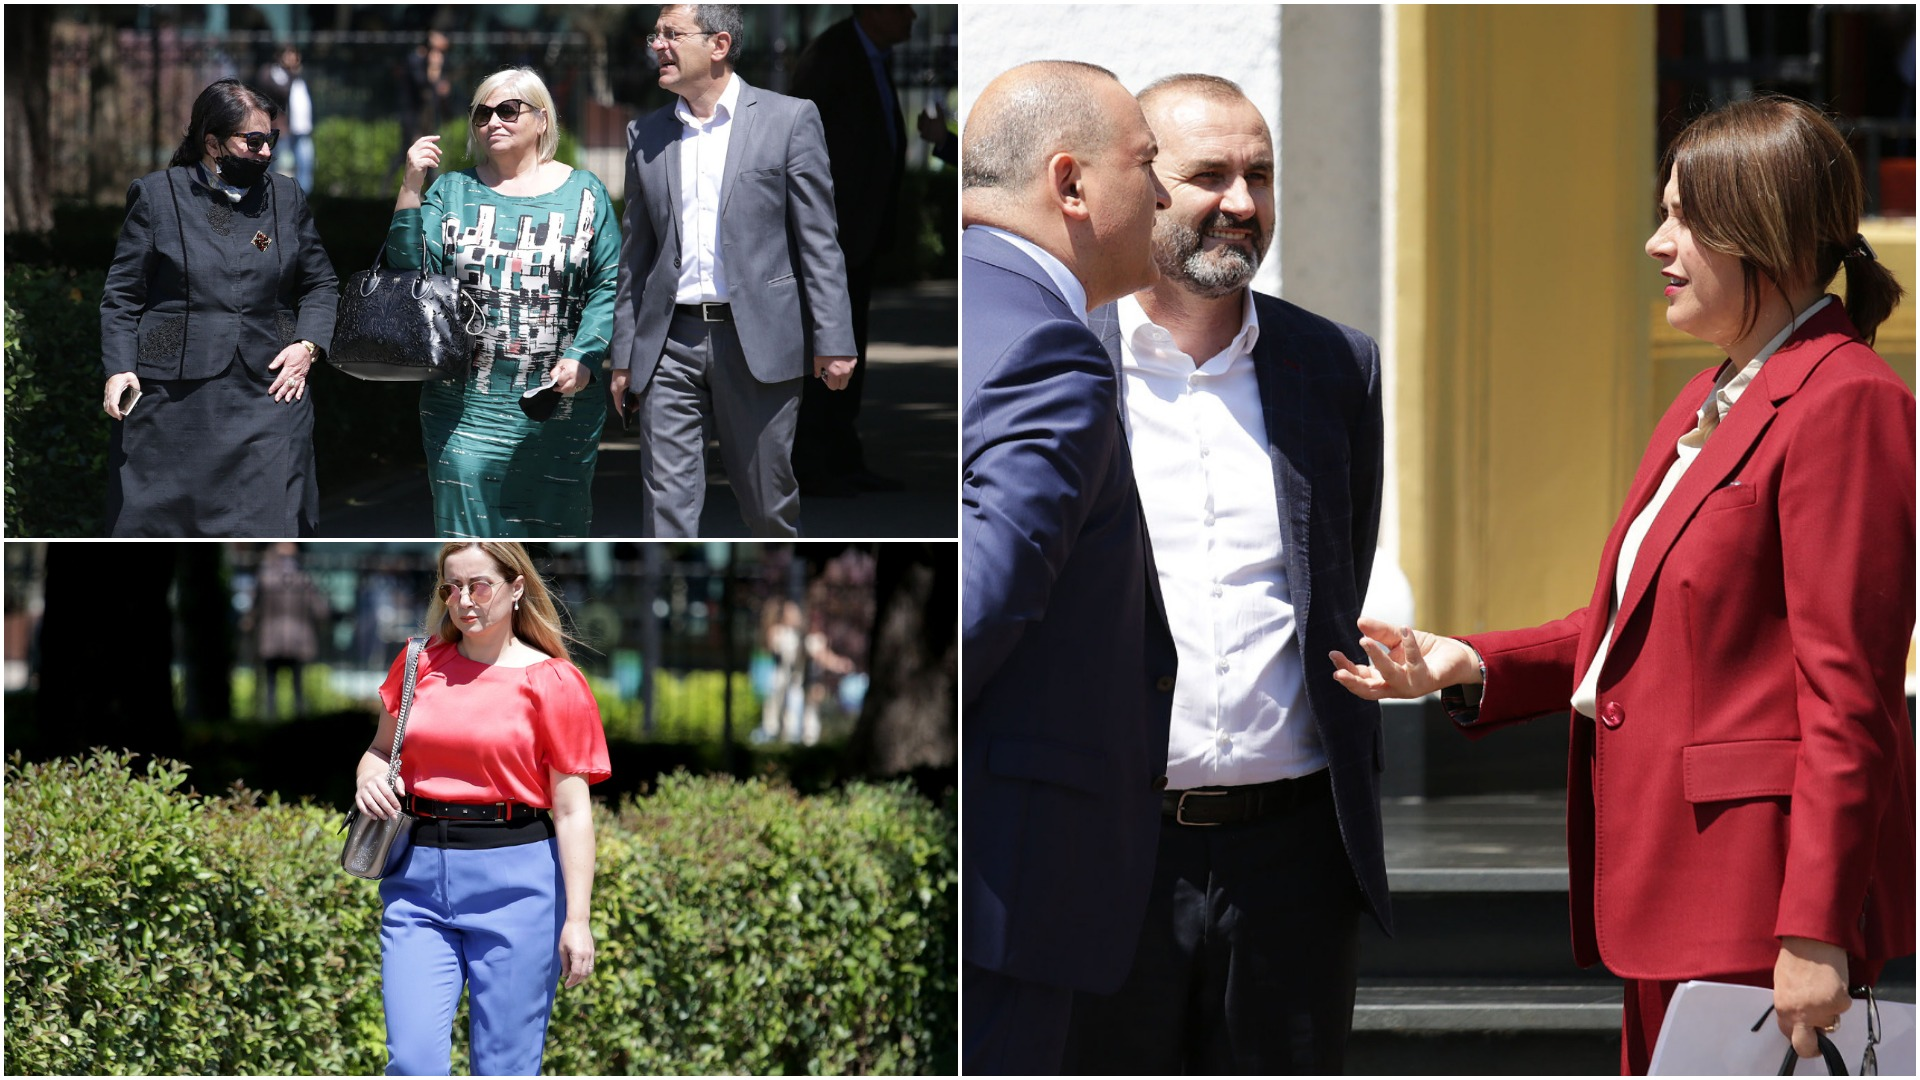 Veshje firmë dhe kombinime me ngjyra, deputetët tërheqin vëmëndje përpara Parlamentarit